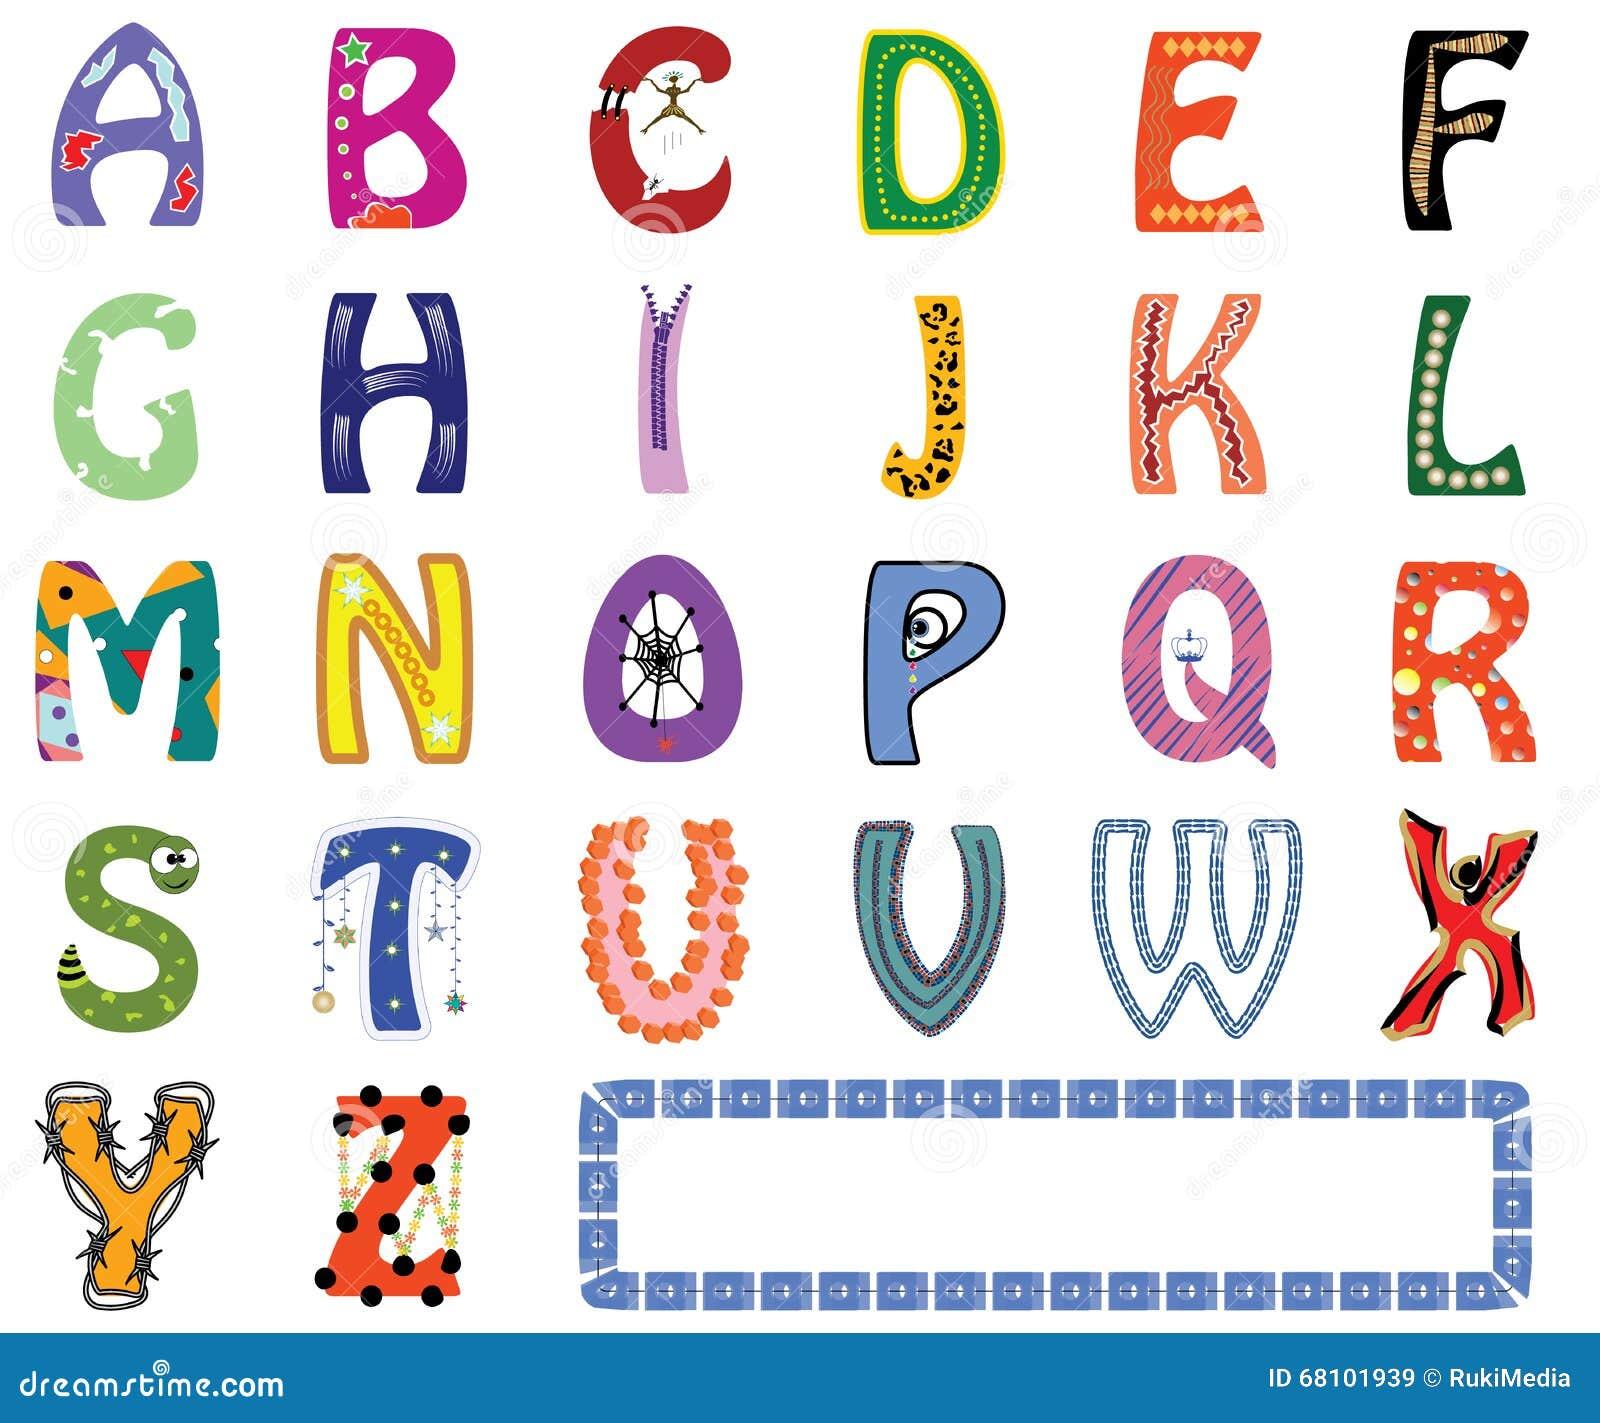 形状,装饰品,字体风格学龄前孩子的-传染媒介和例证的英语字母表.图片